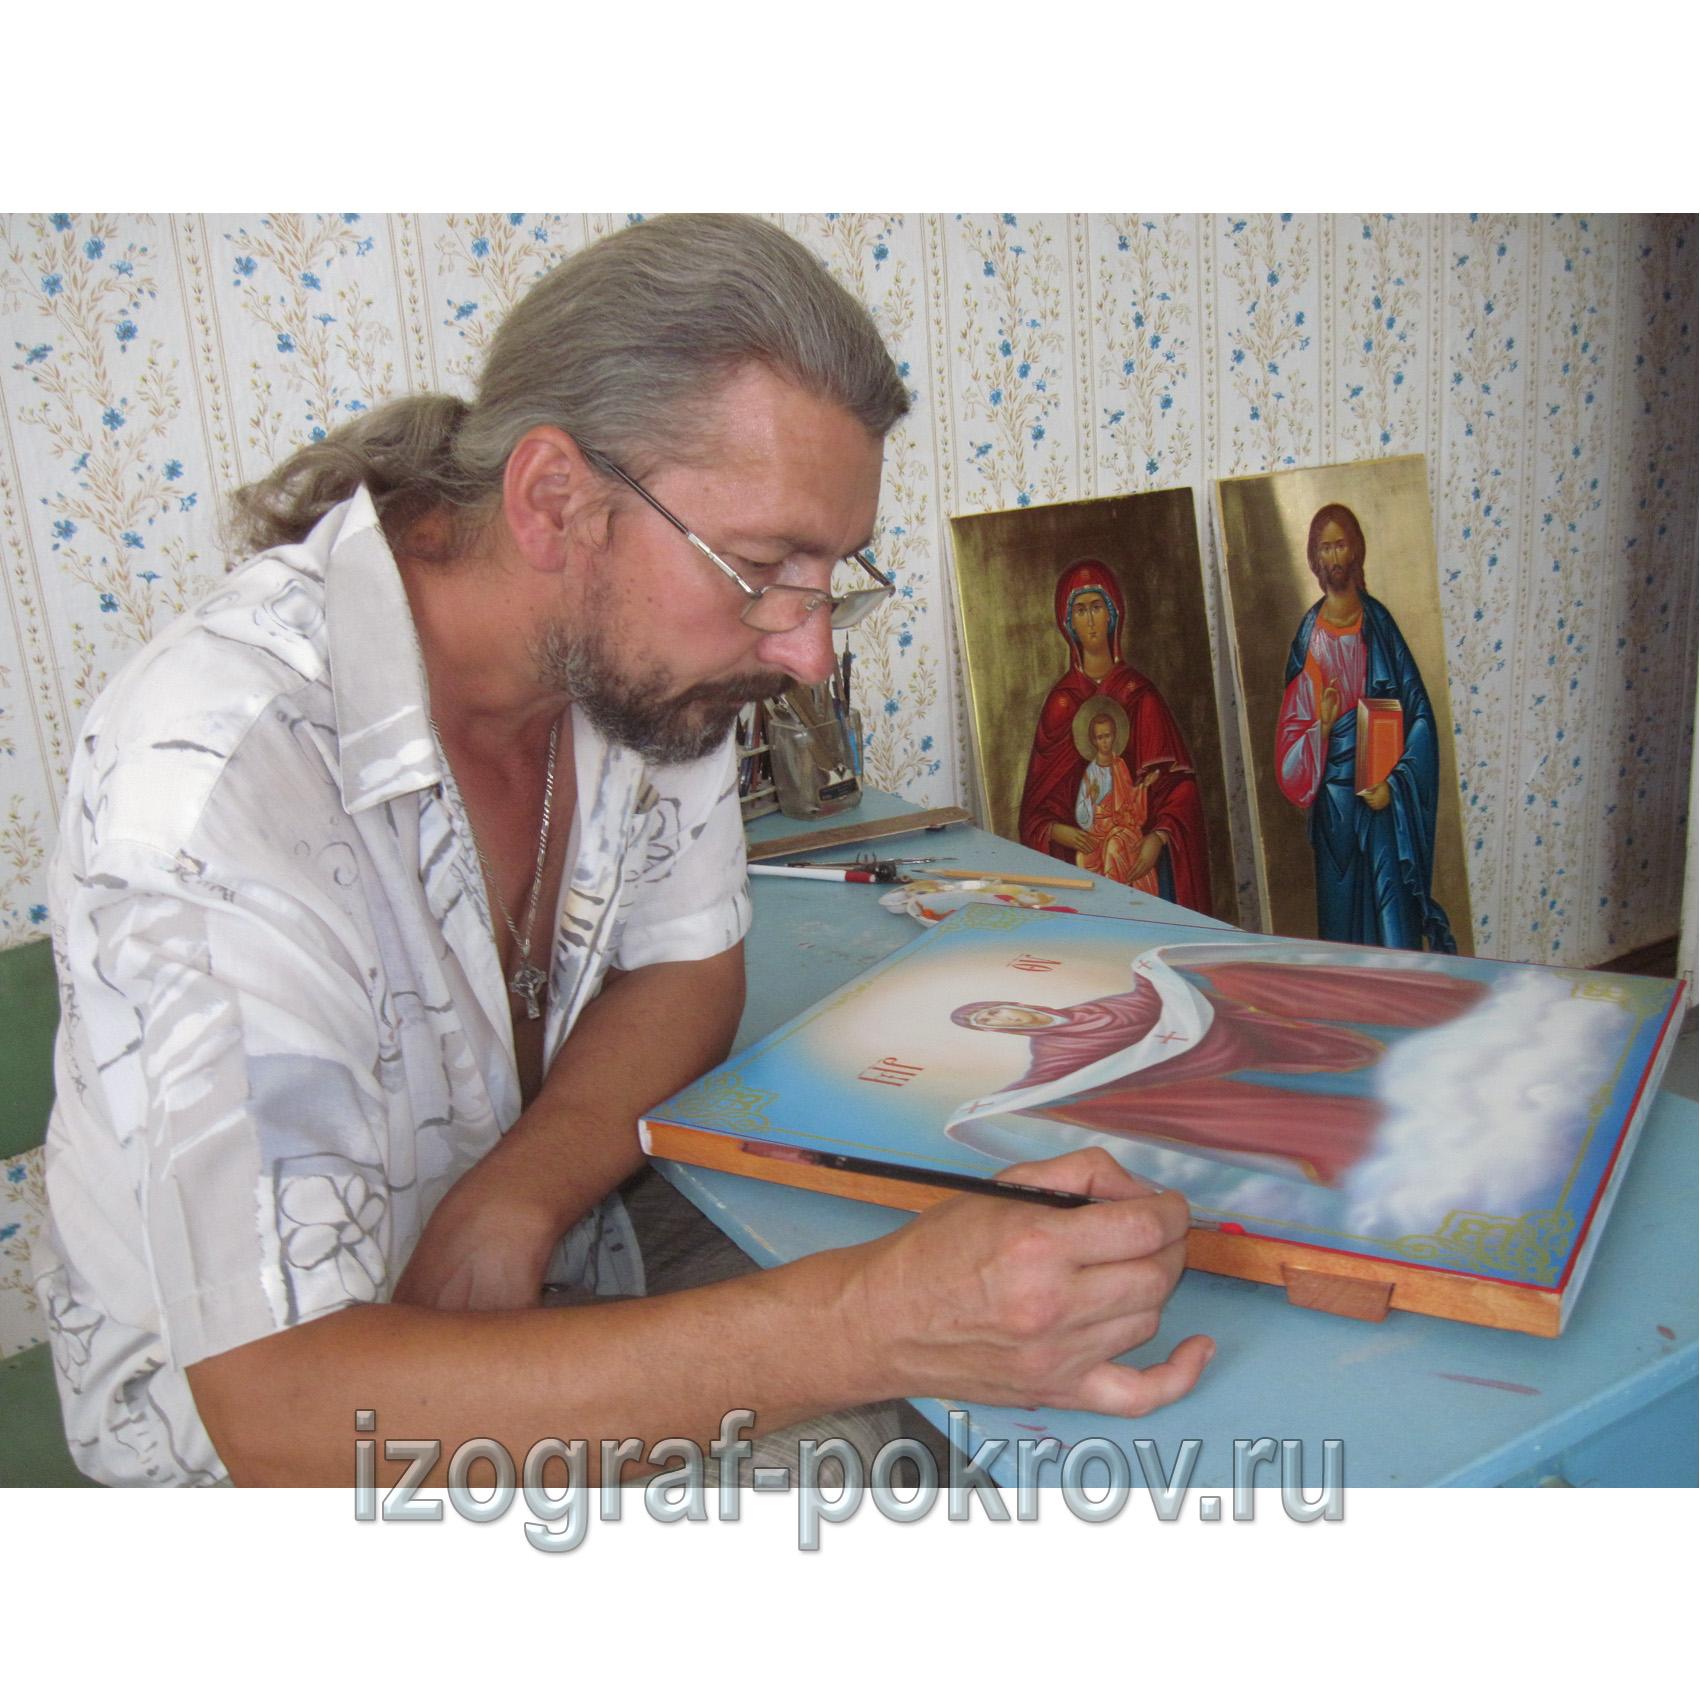 Иконописец заканчивает икону Покрова Пресвятой Богородицы